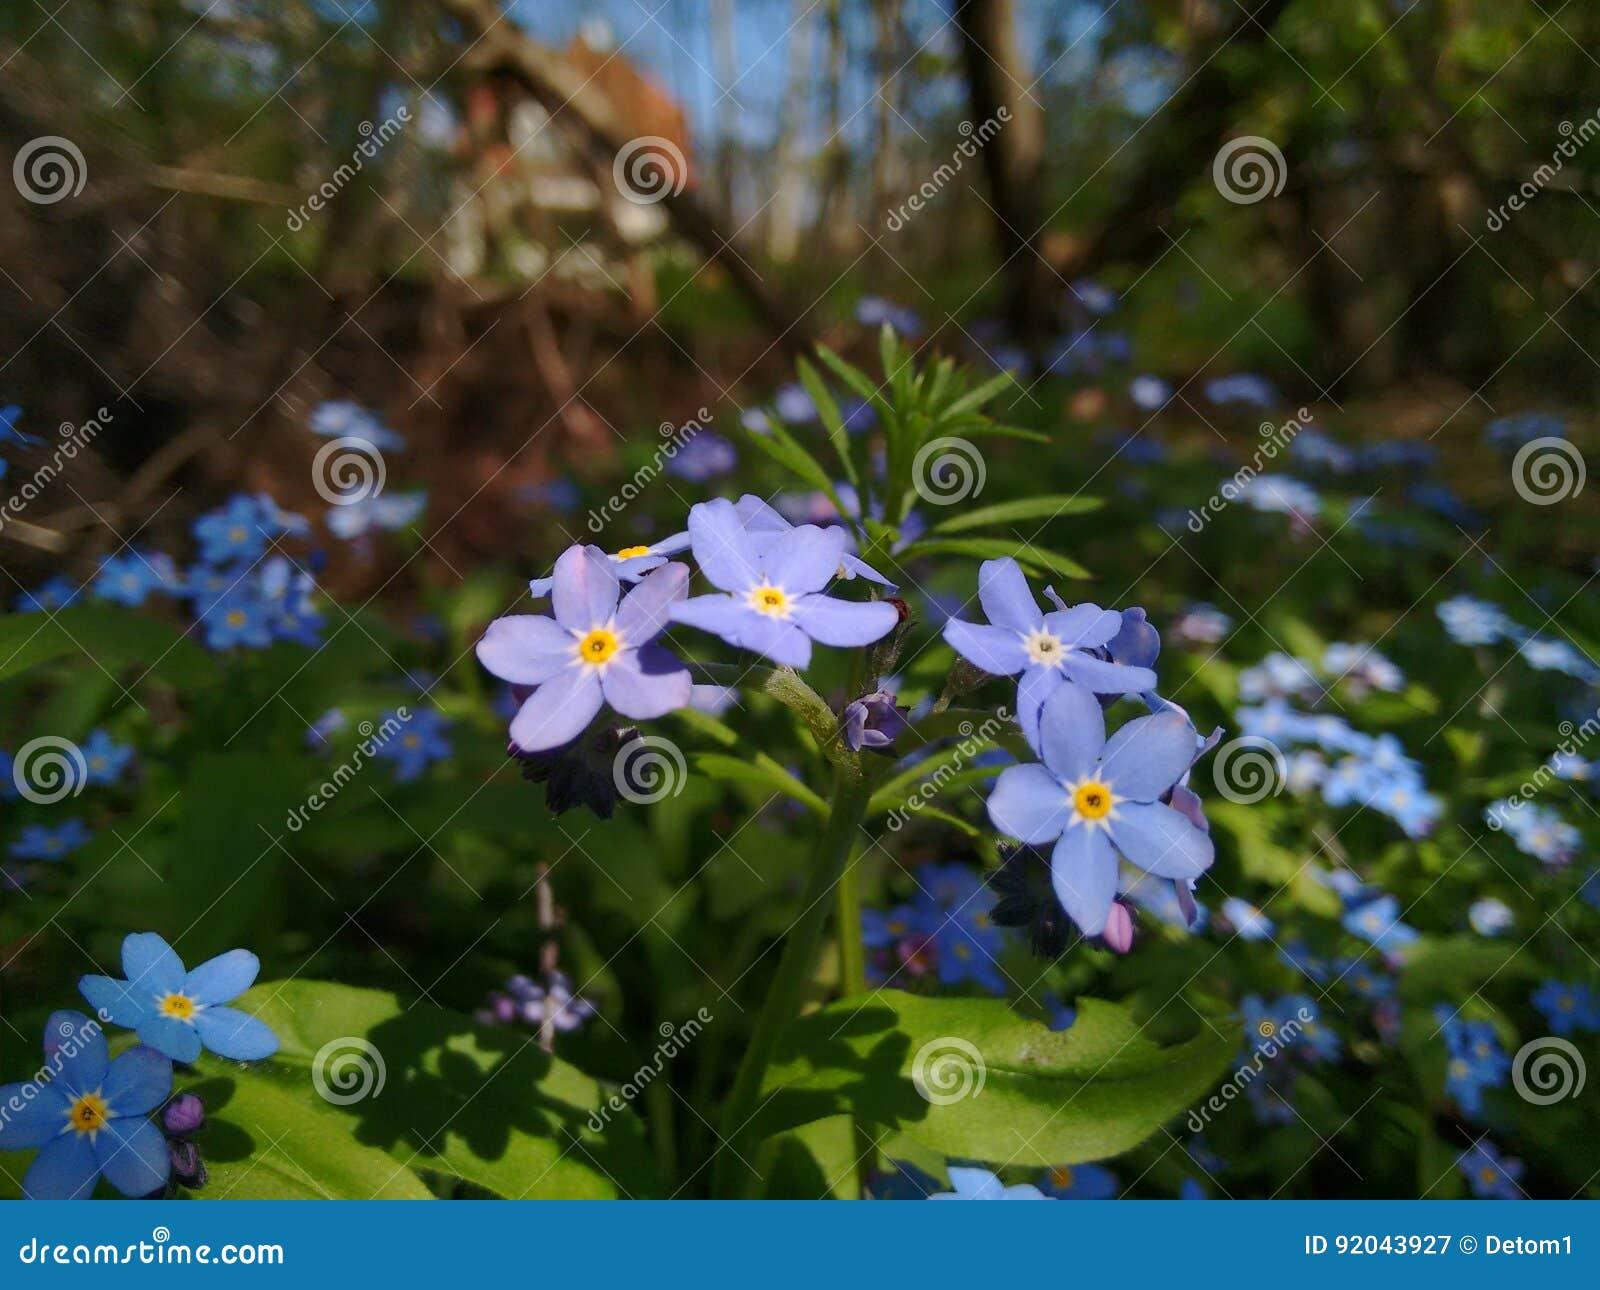 flowers blue in the garden - Wilde Garden